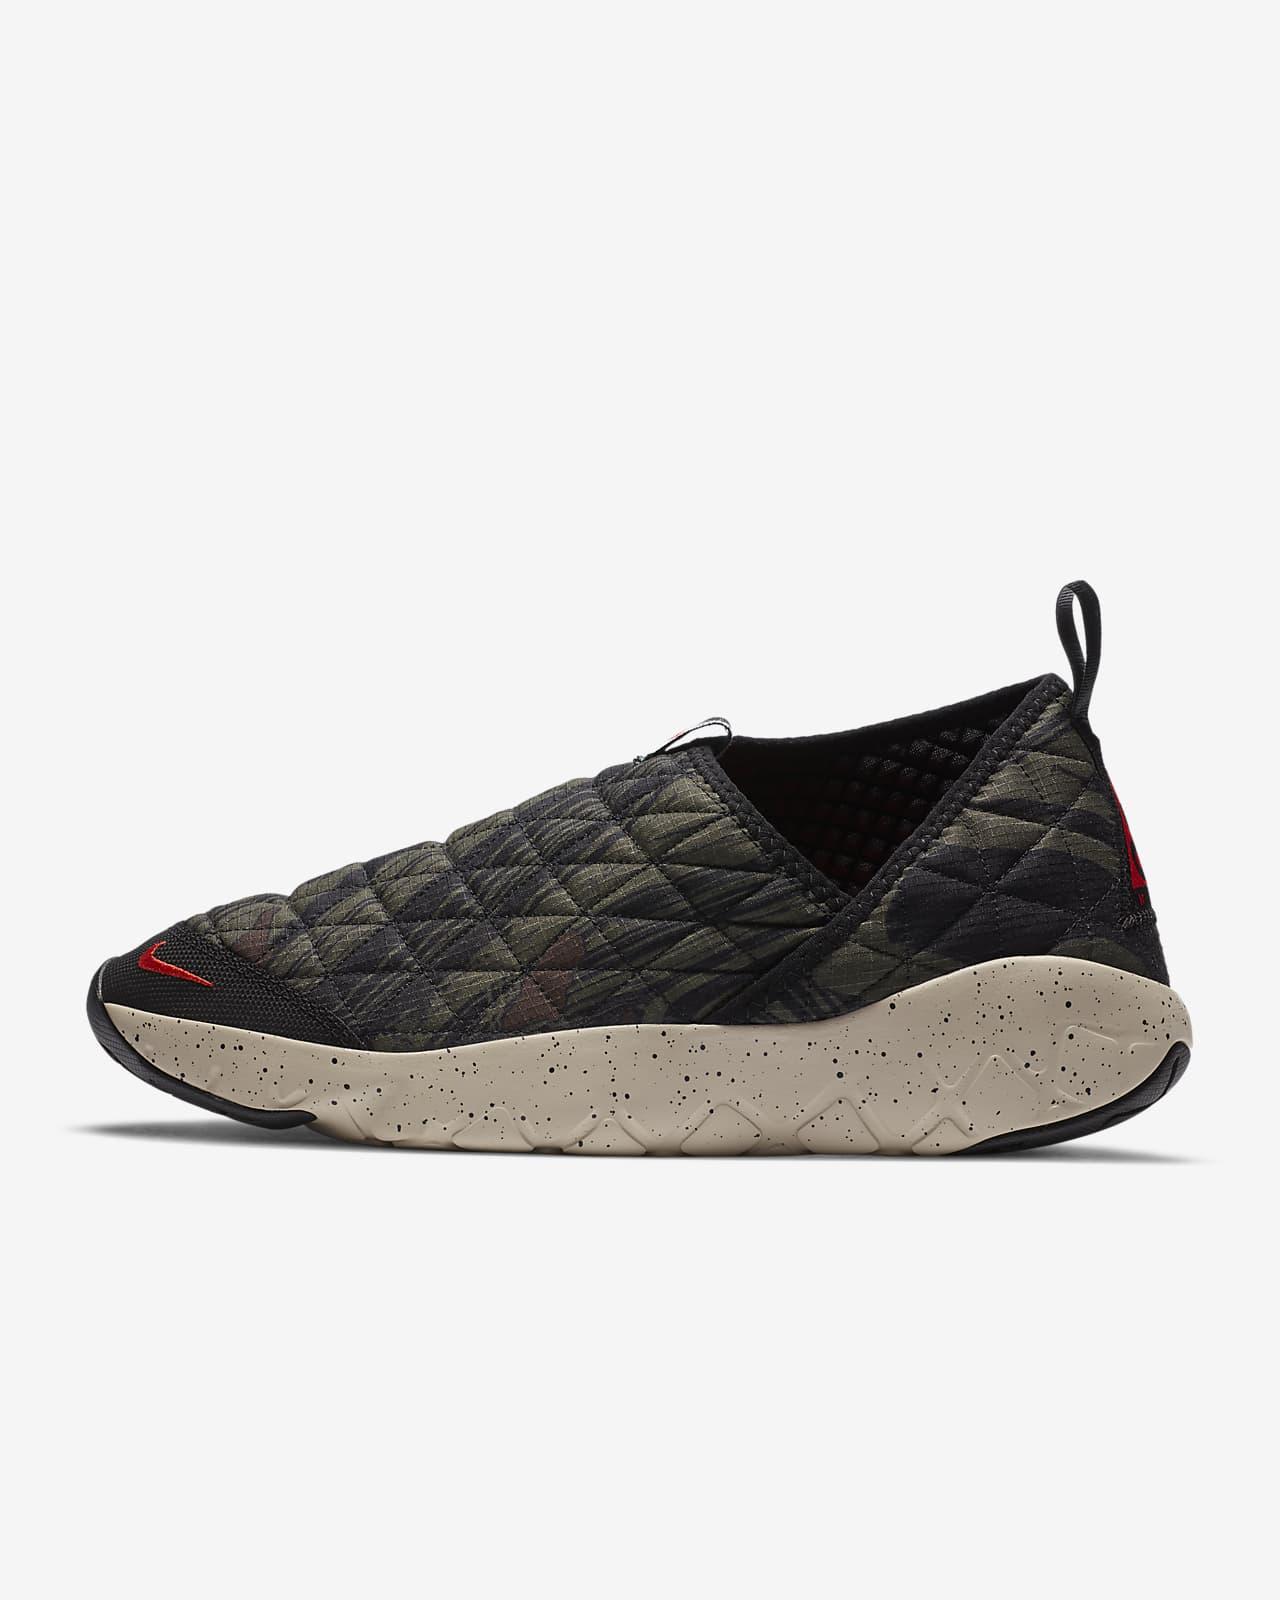 Nike ACG MOC 3.0 Mt. Fuji Shoe